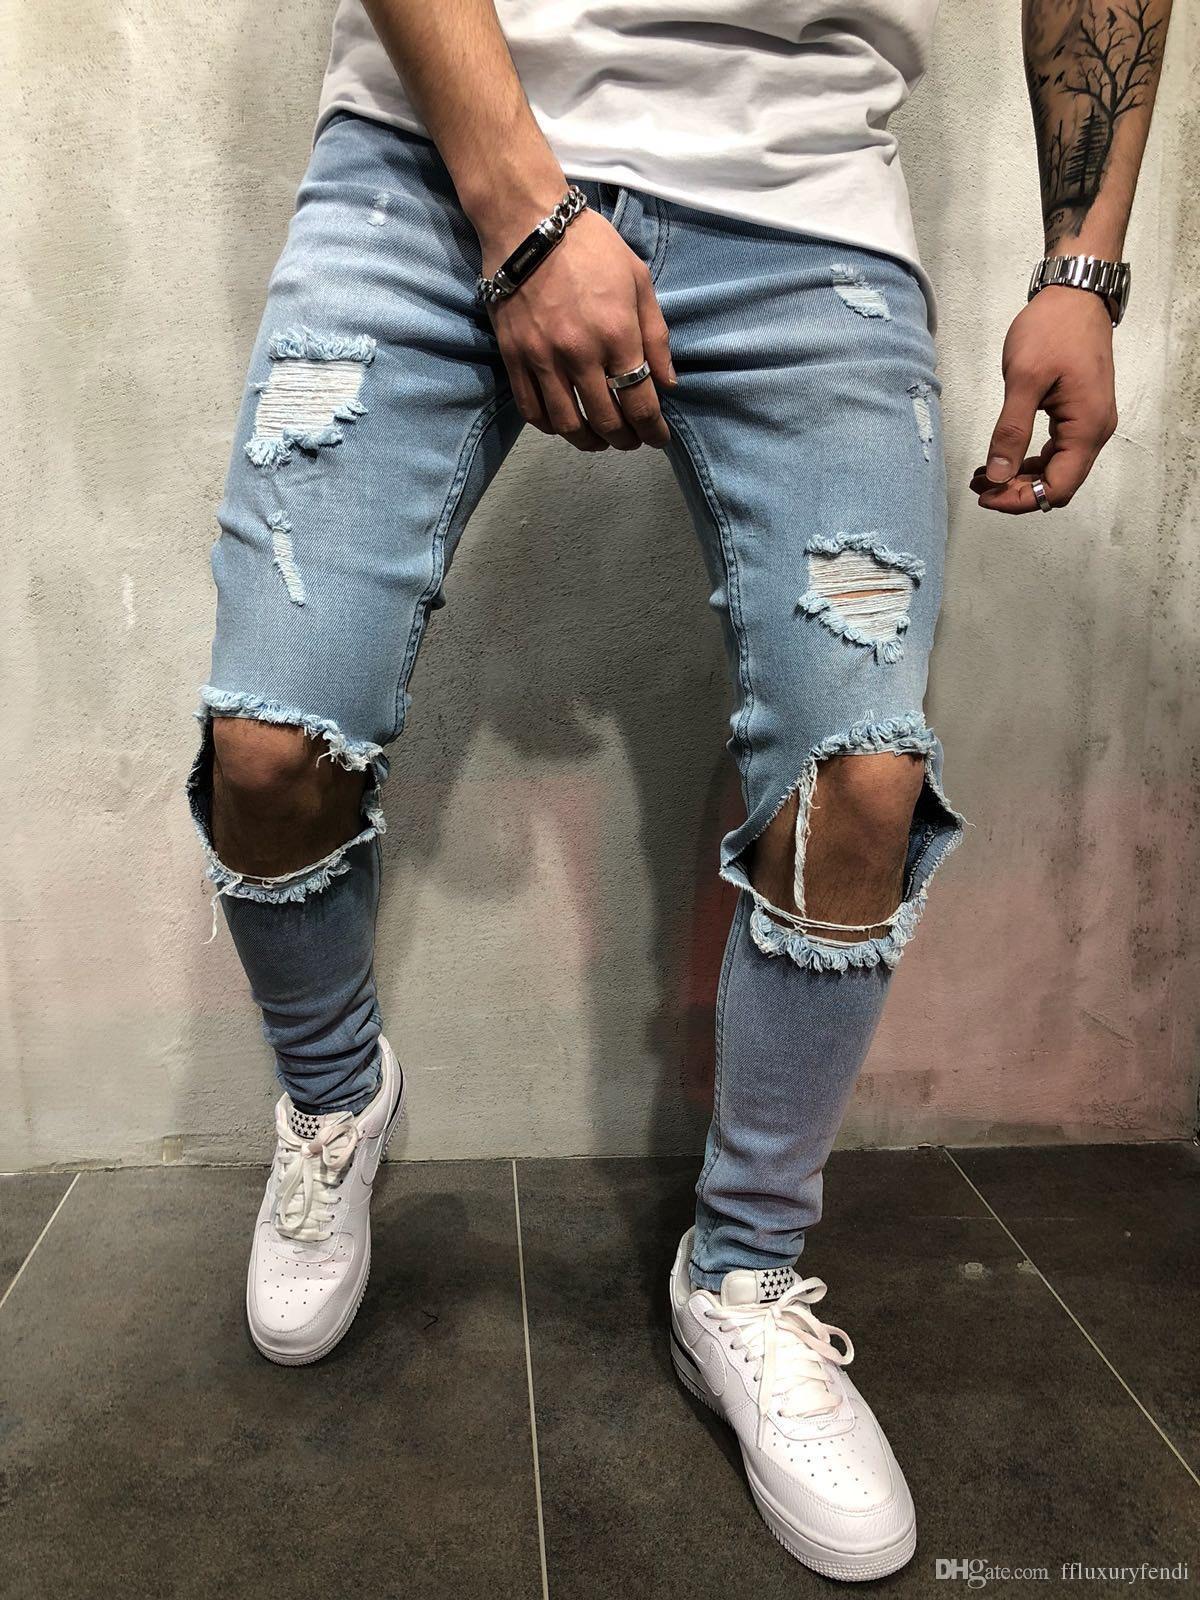 Hallo Straße Löcher Designer Jeans Skateboard der Männer Slim Fit Teenager Boy Hiphop Ripped Jean Pants